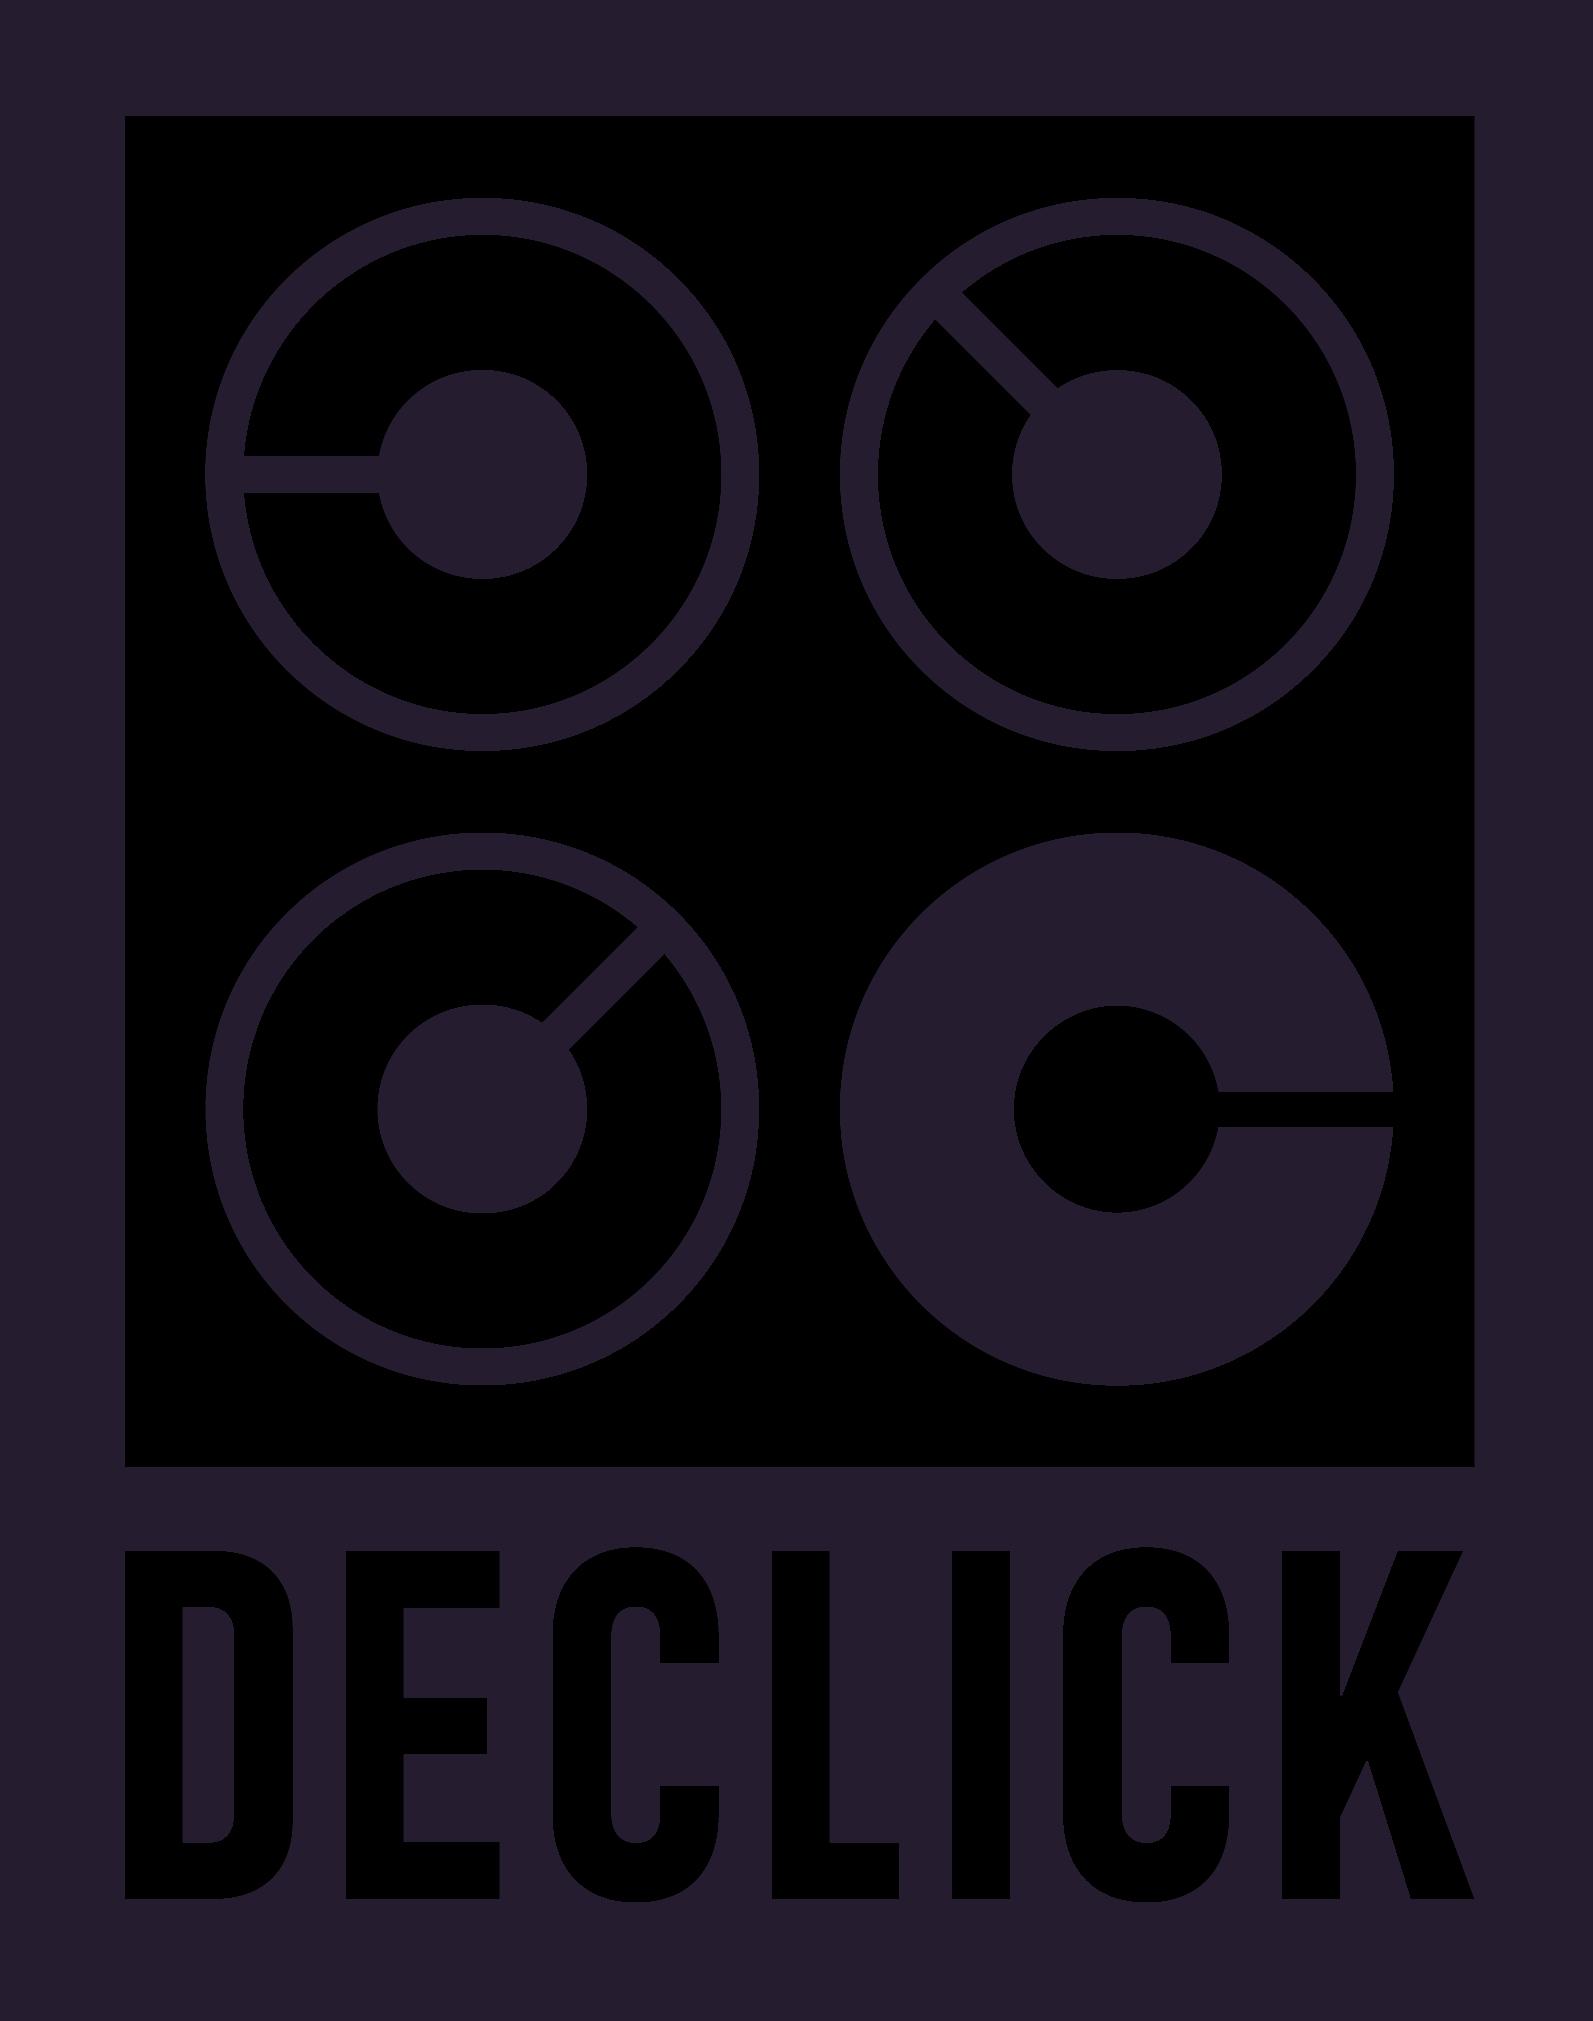 DeClick